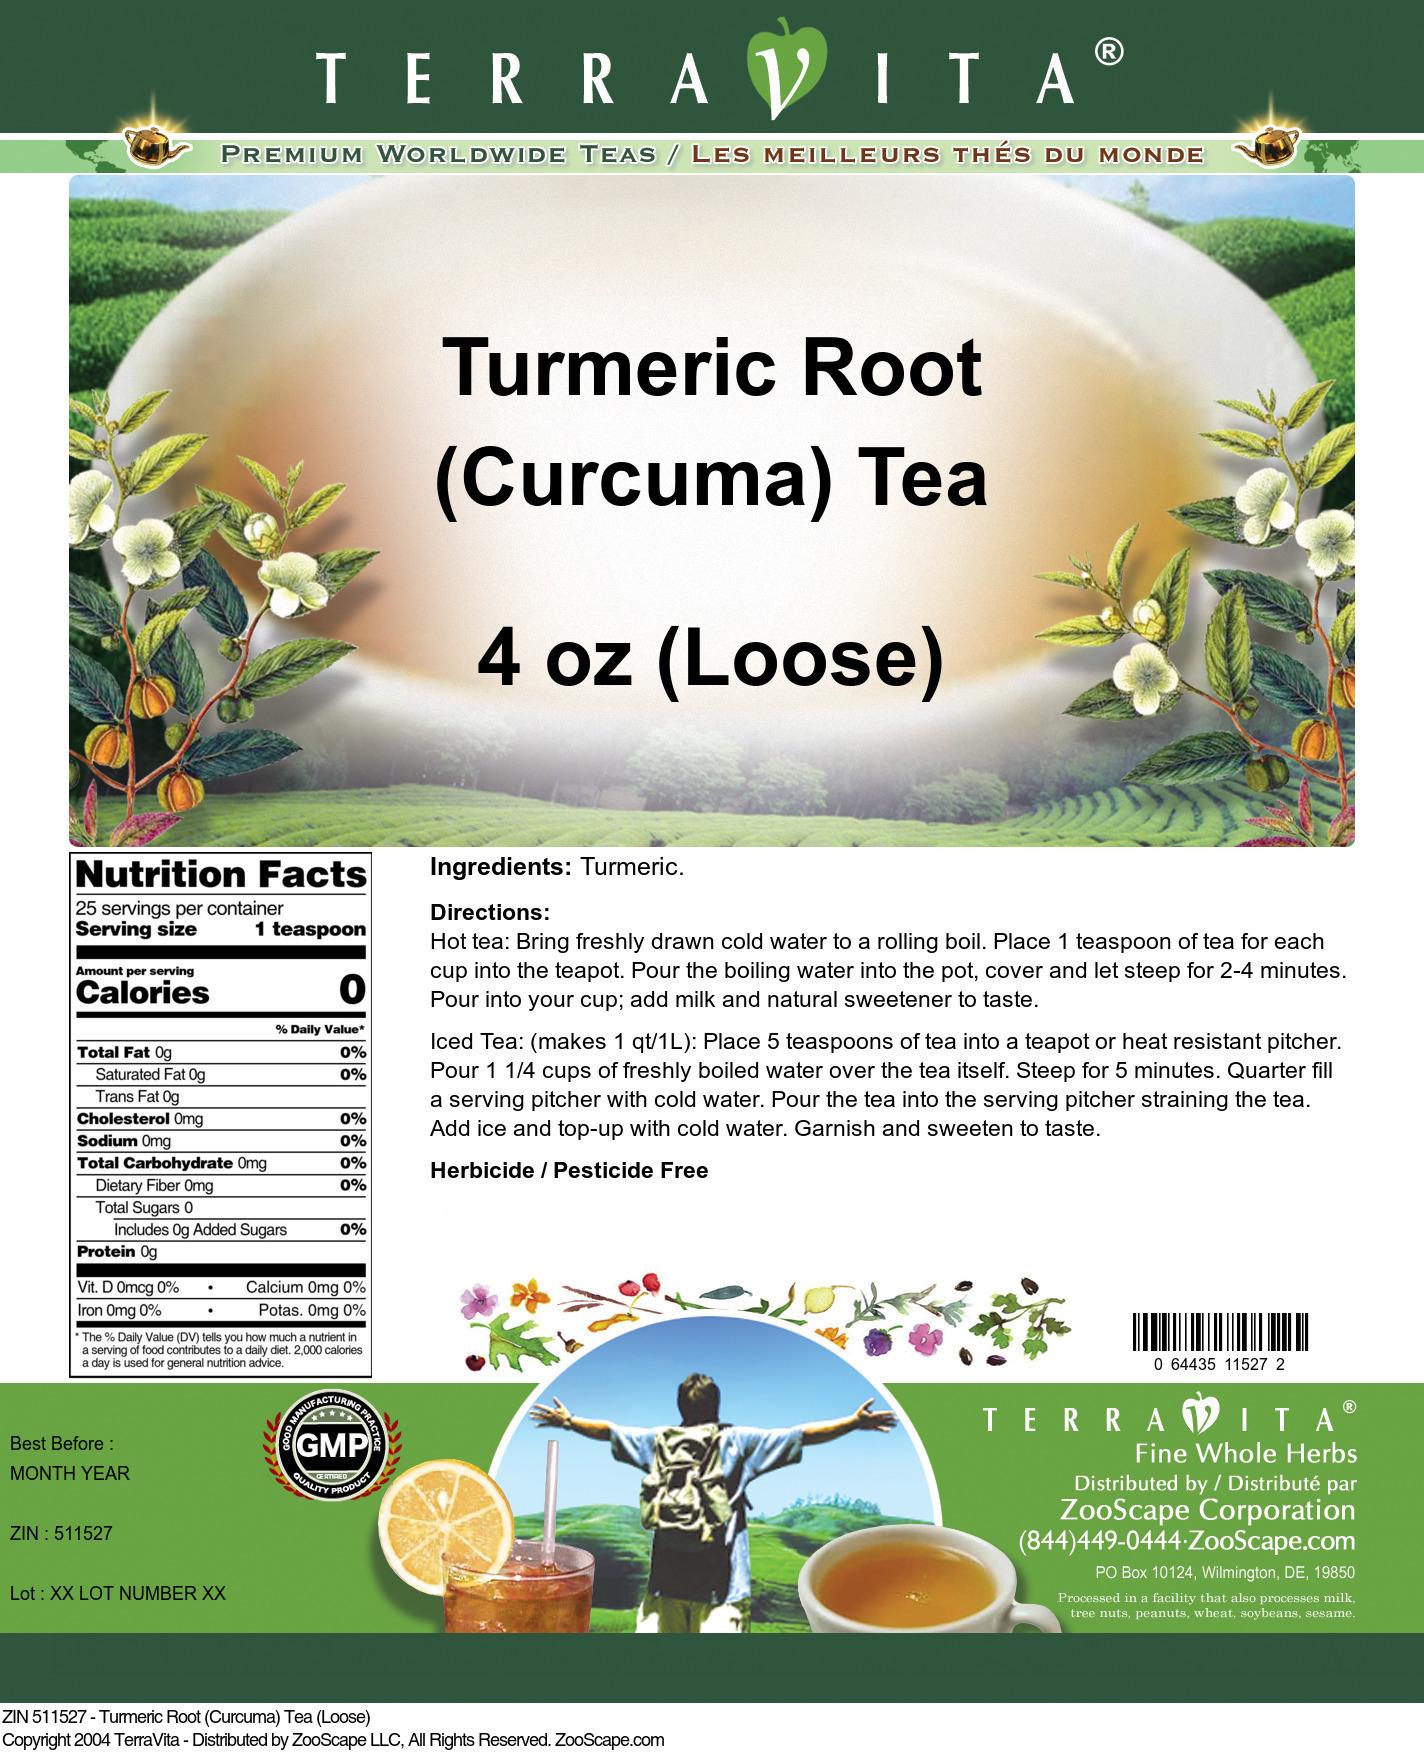 Turmeric Root (Curcuma) Tea (Loose)